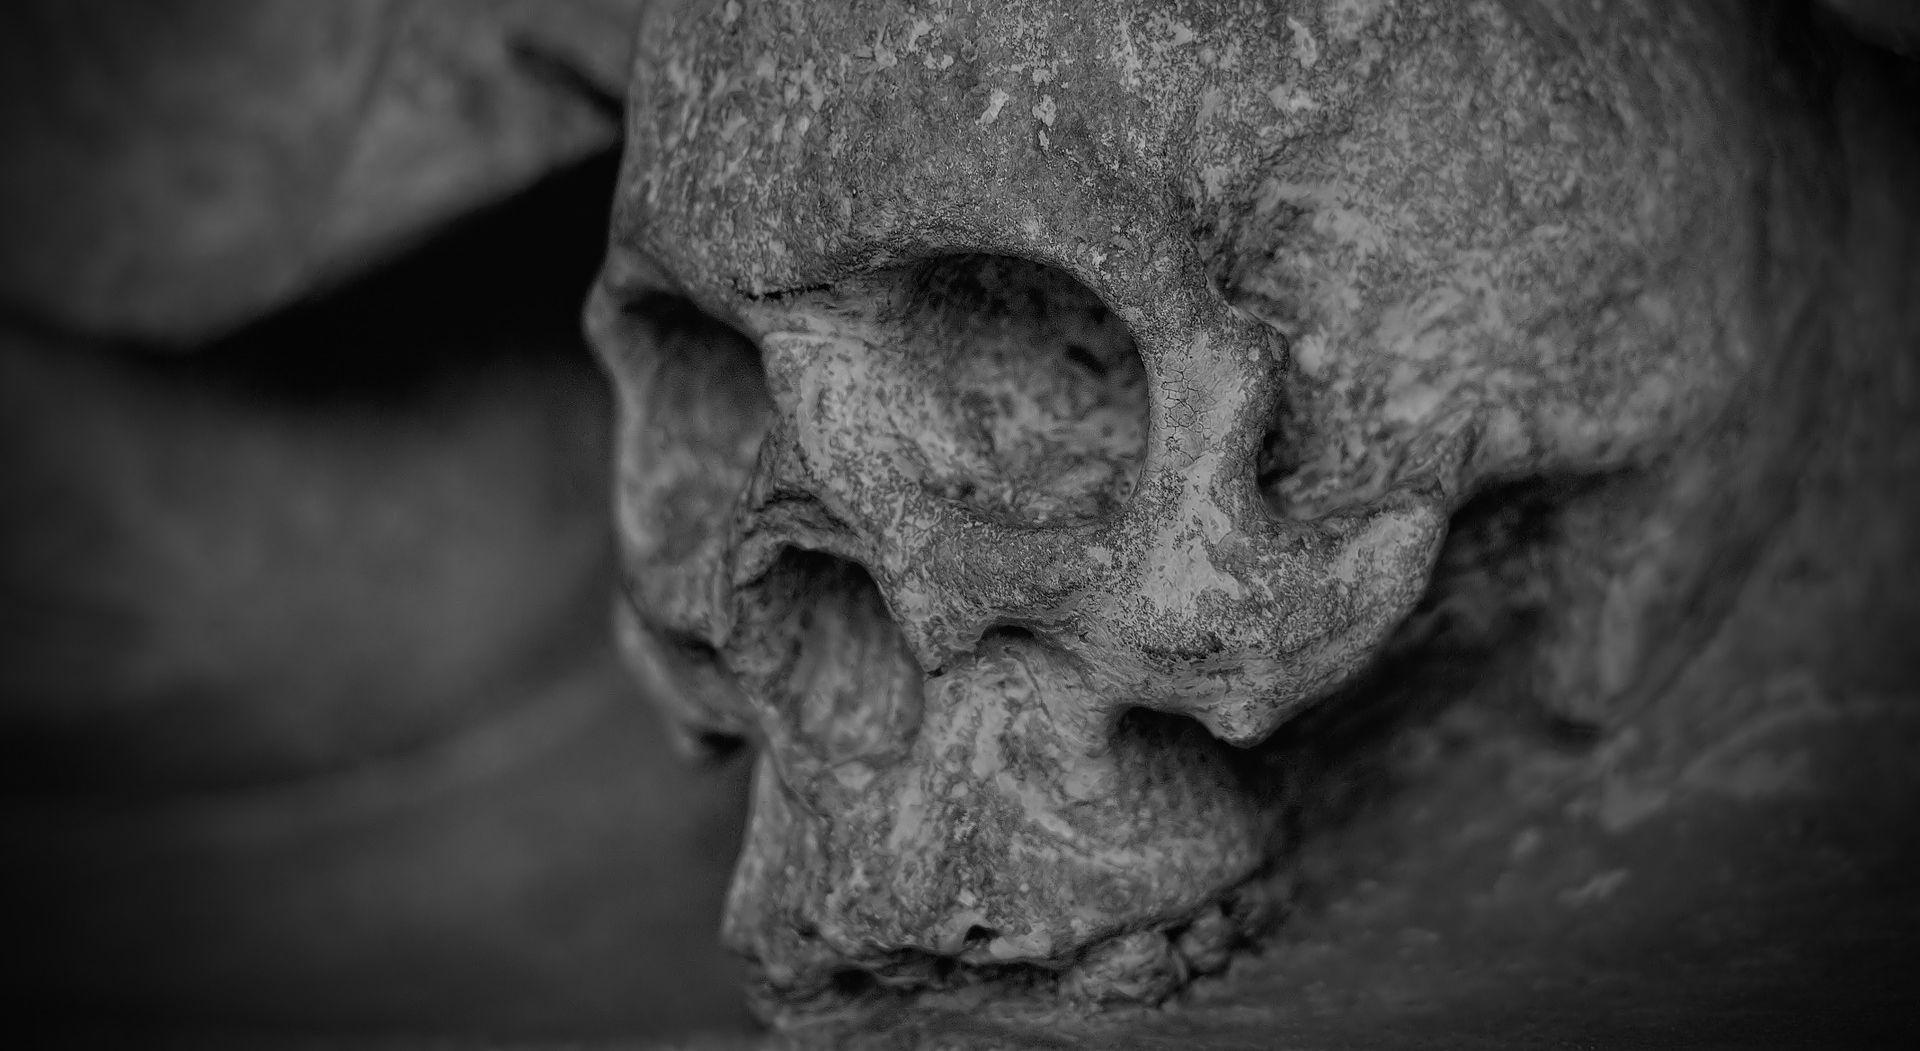 Znanstvenici rekonstruirali lice djevojčice stare 9000 godina